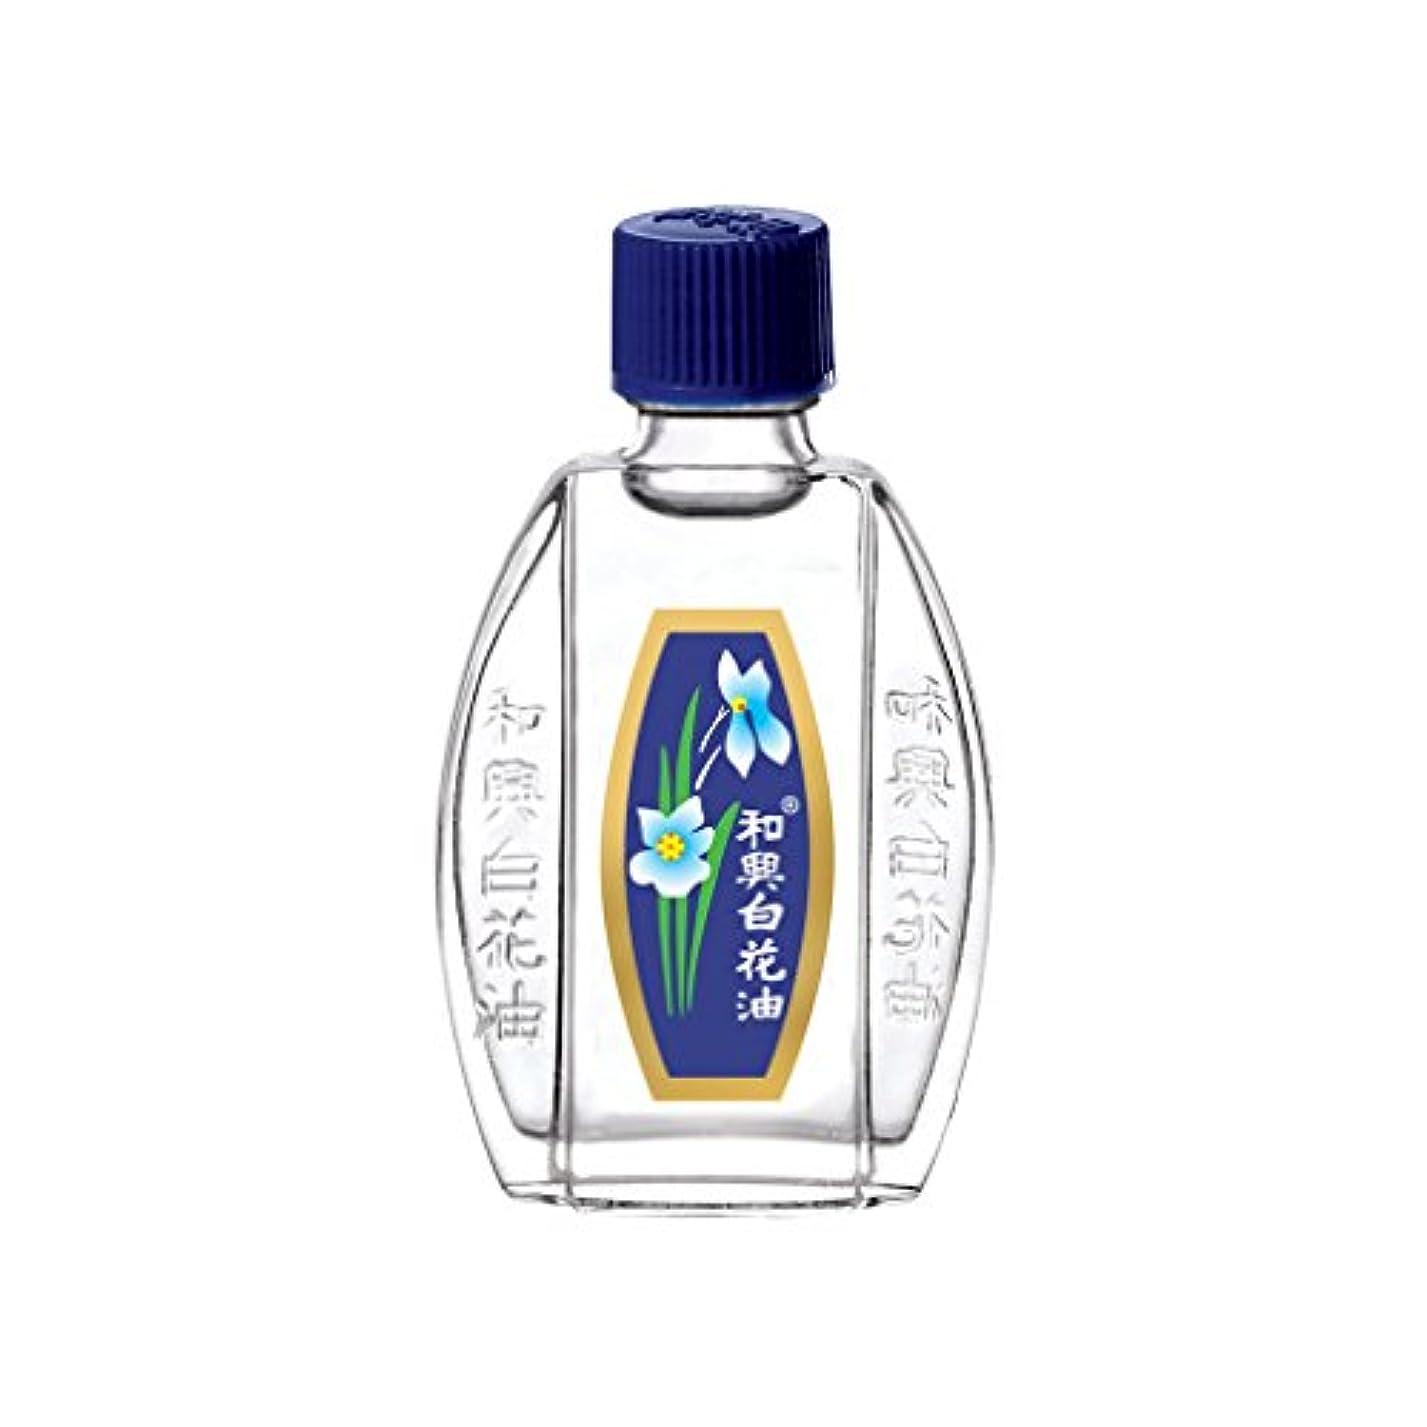 外交官スクレーパー酒香港 和興白花油 20ml [並行輸入品]